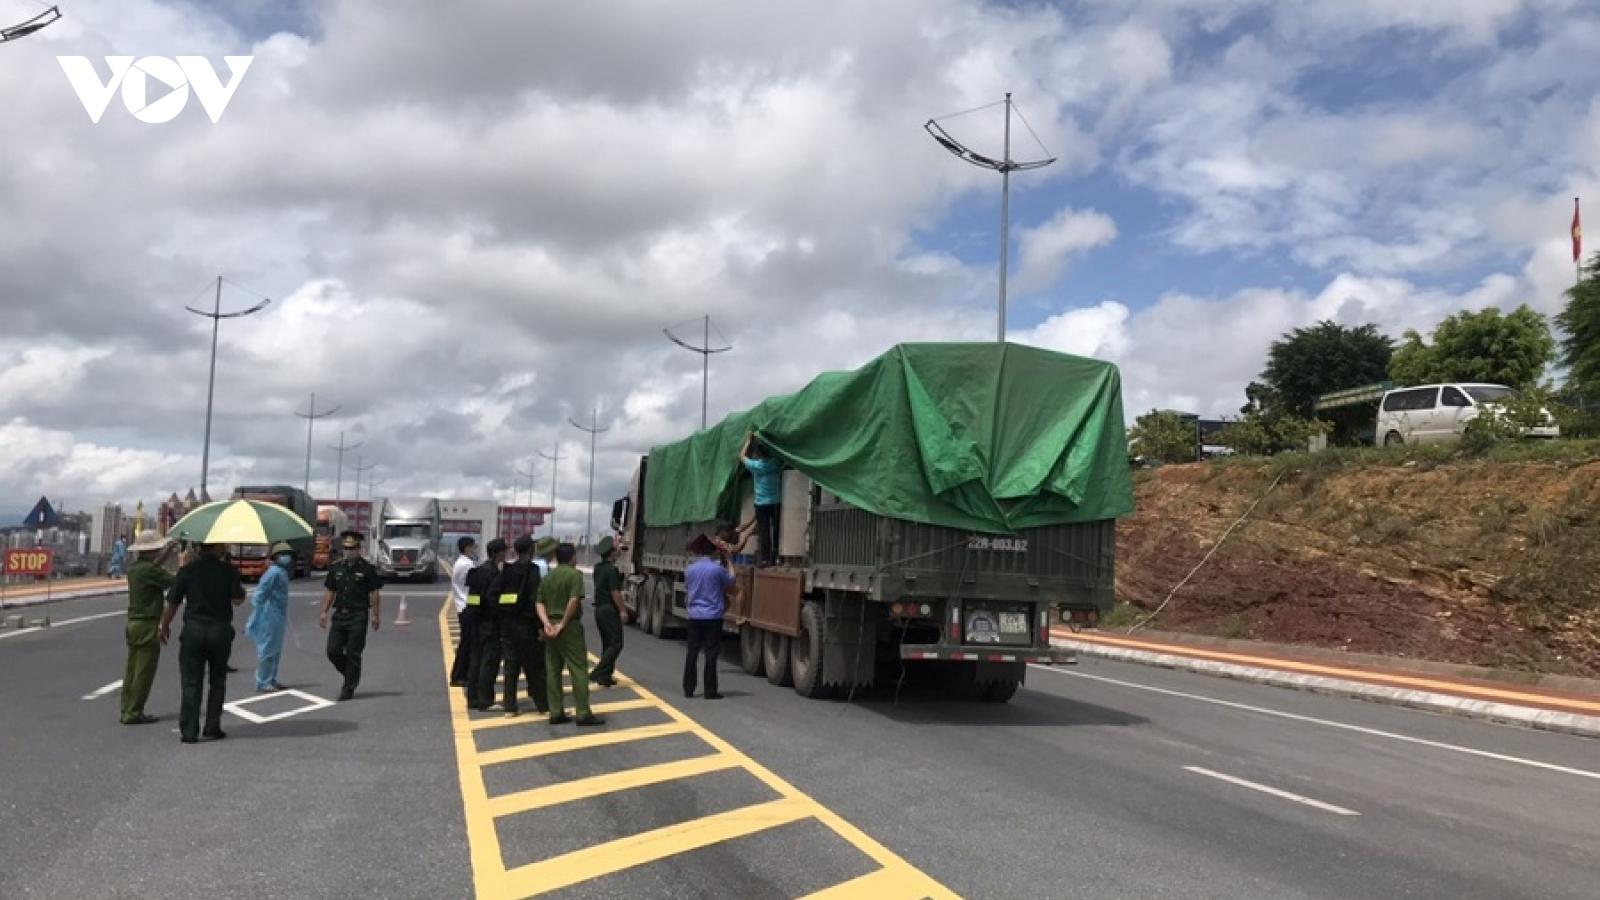 Quảng Ninh: Khám xét 2 xe container ngụy trang chở giấy cuộn có dấu hiệu nghi vấn